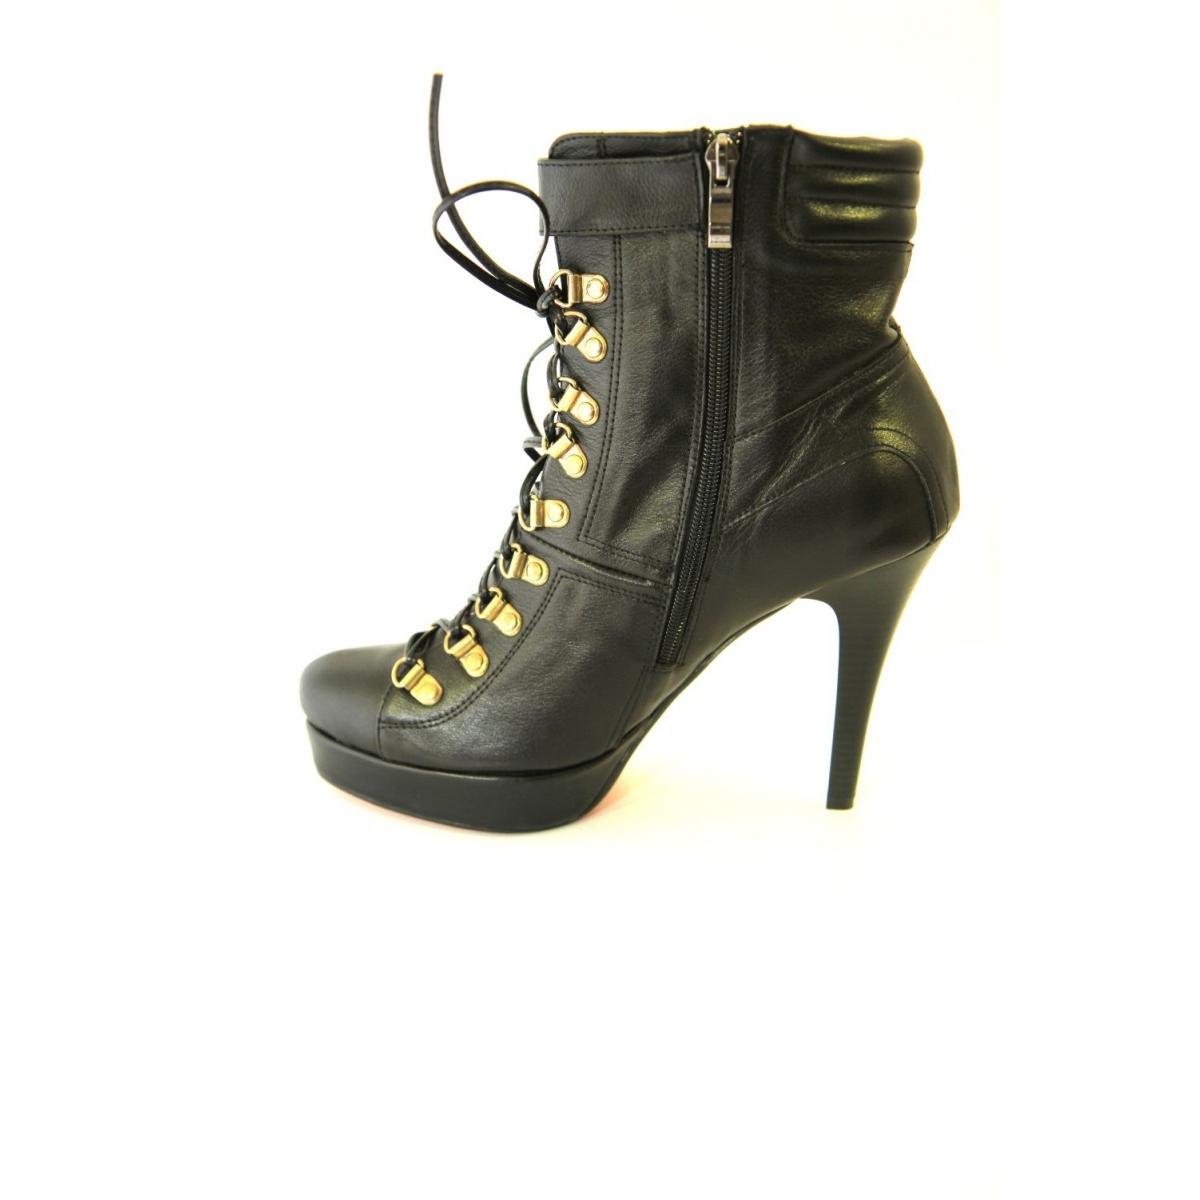 CALISTA 017 CIERNE-Kotníkové topánky čiernej farby TK - 5 8c3c11b3b40